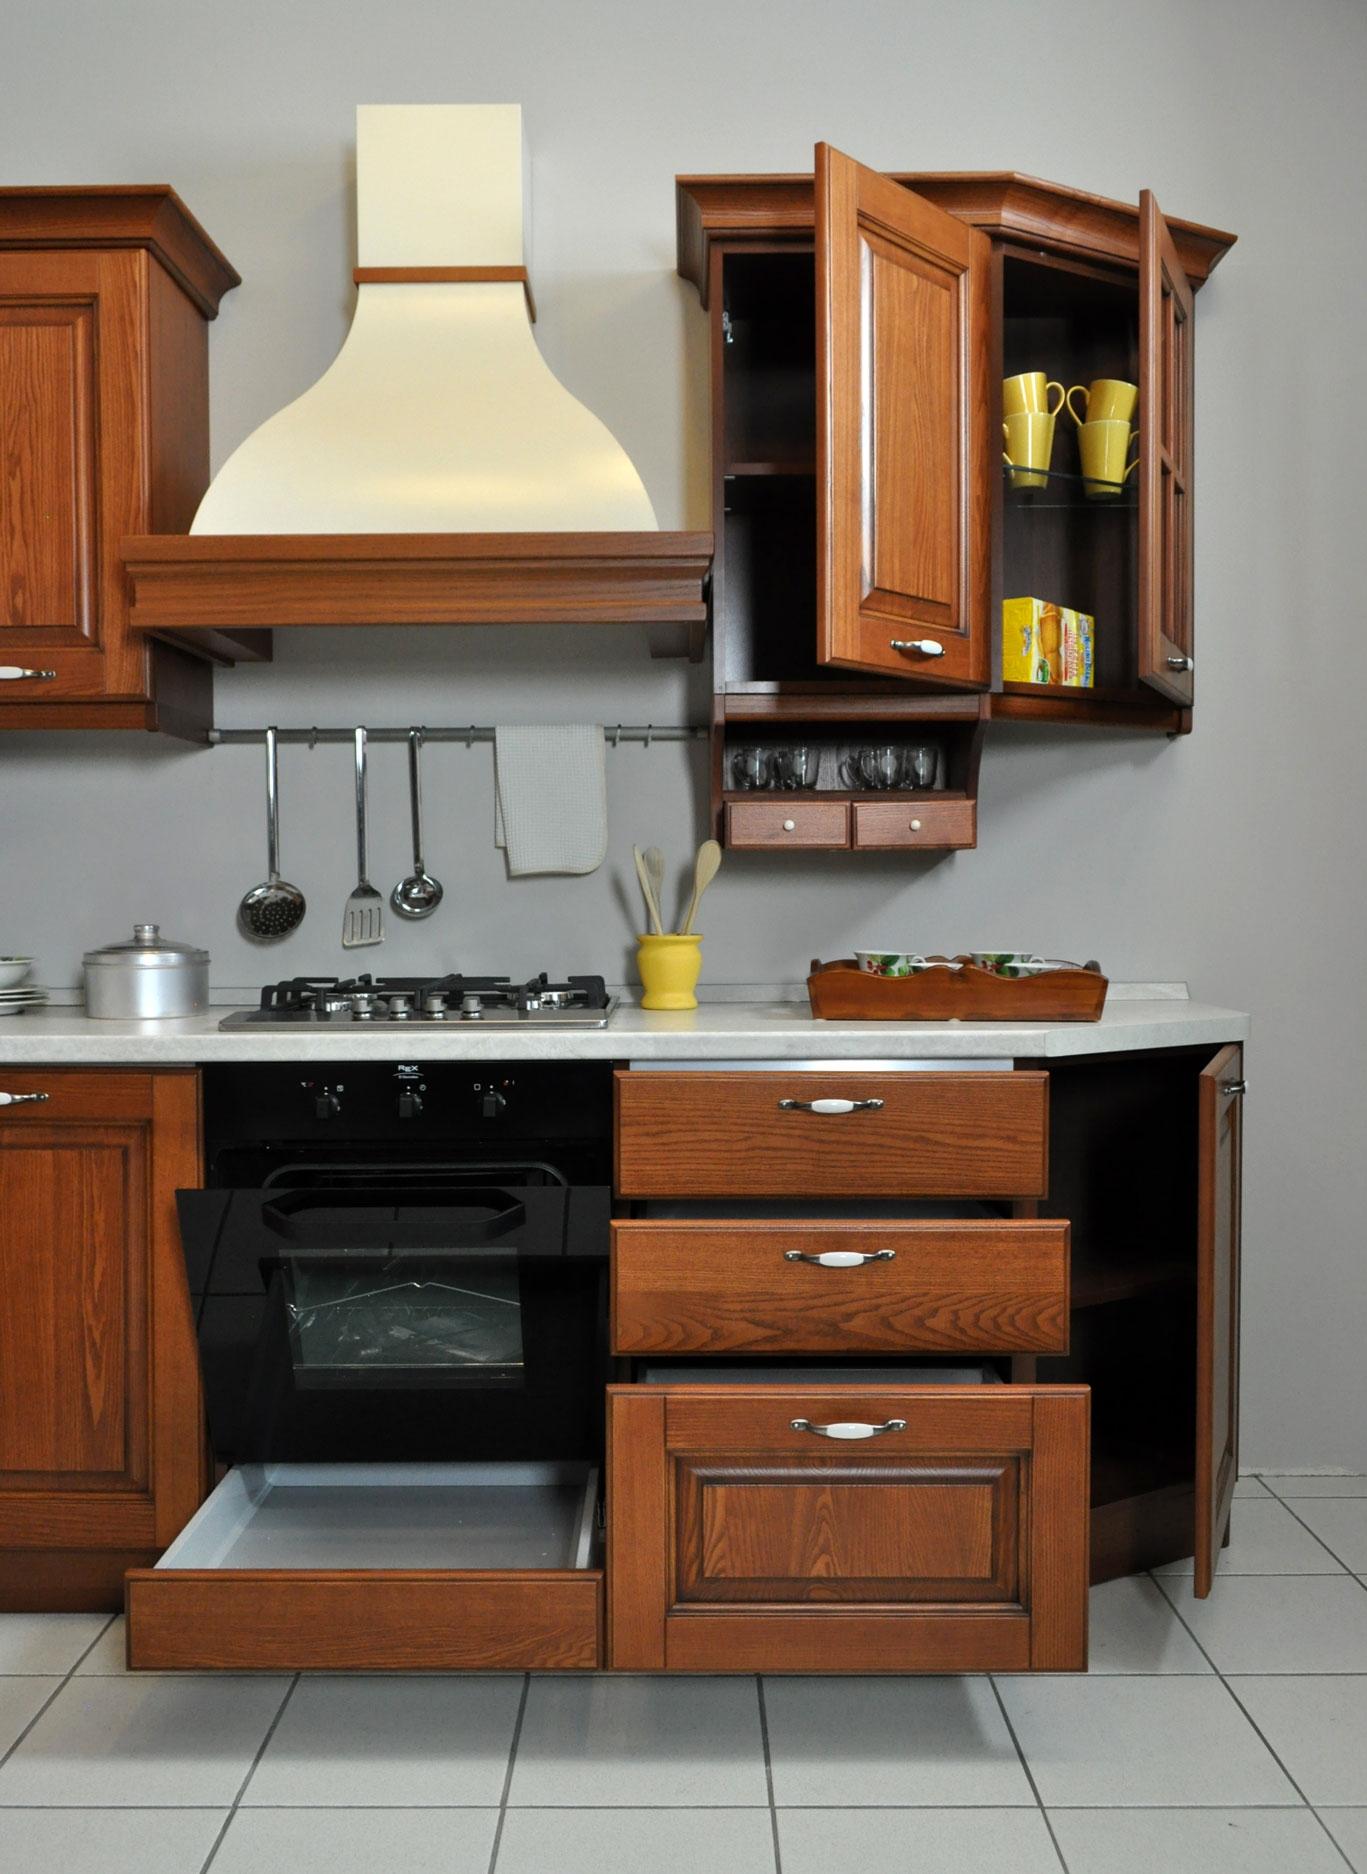 Cucina angolare Veneta Cucine con elettrodomestici scontata a ...